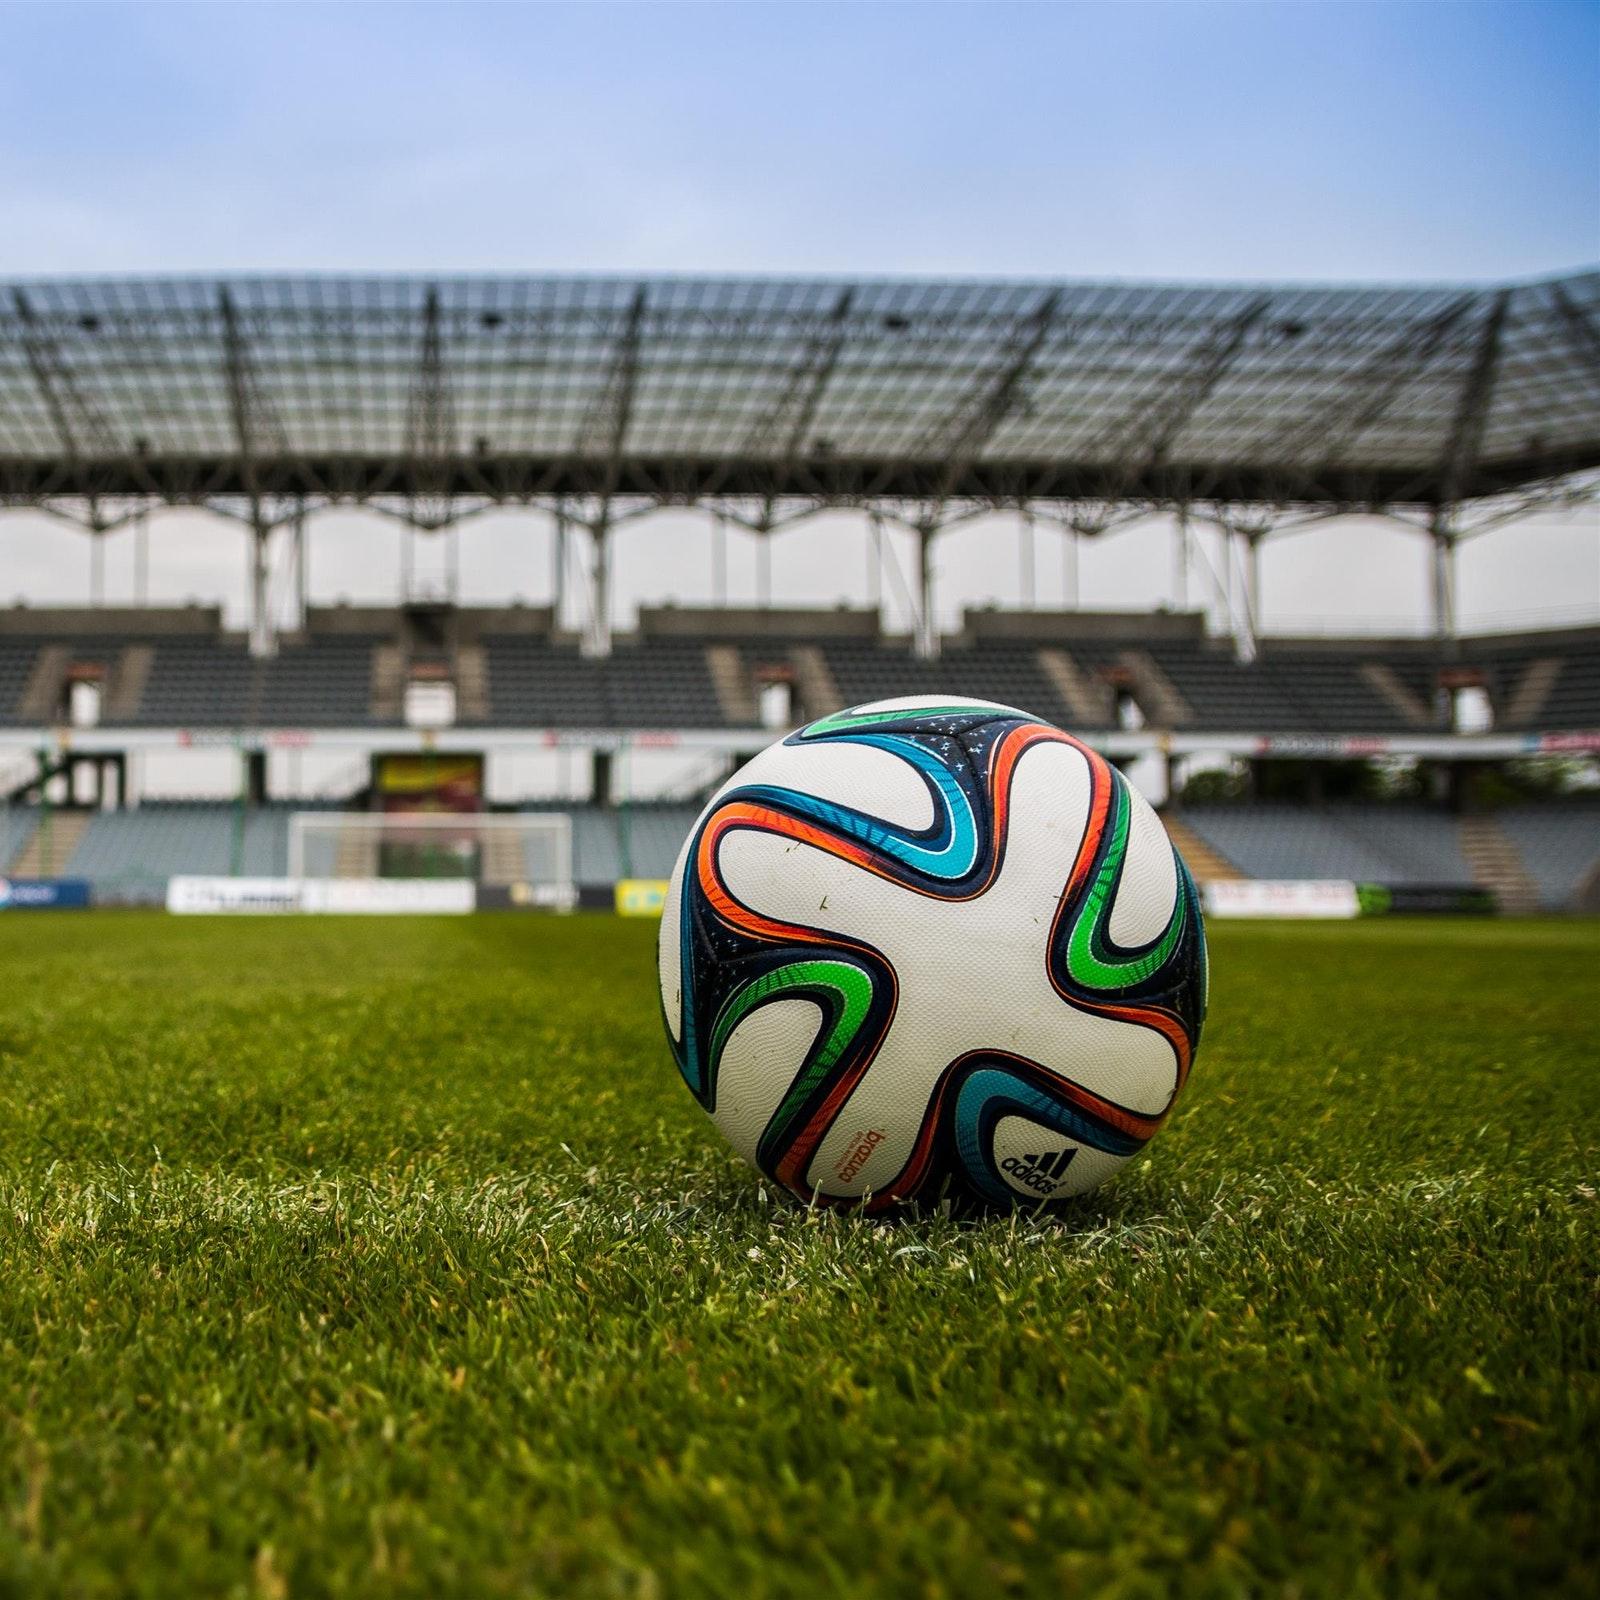 SSC Napoli ritiro 2020 2021 a Castel di Sangro: amichevoli Abruzzo